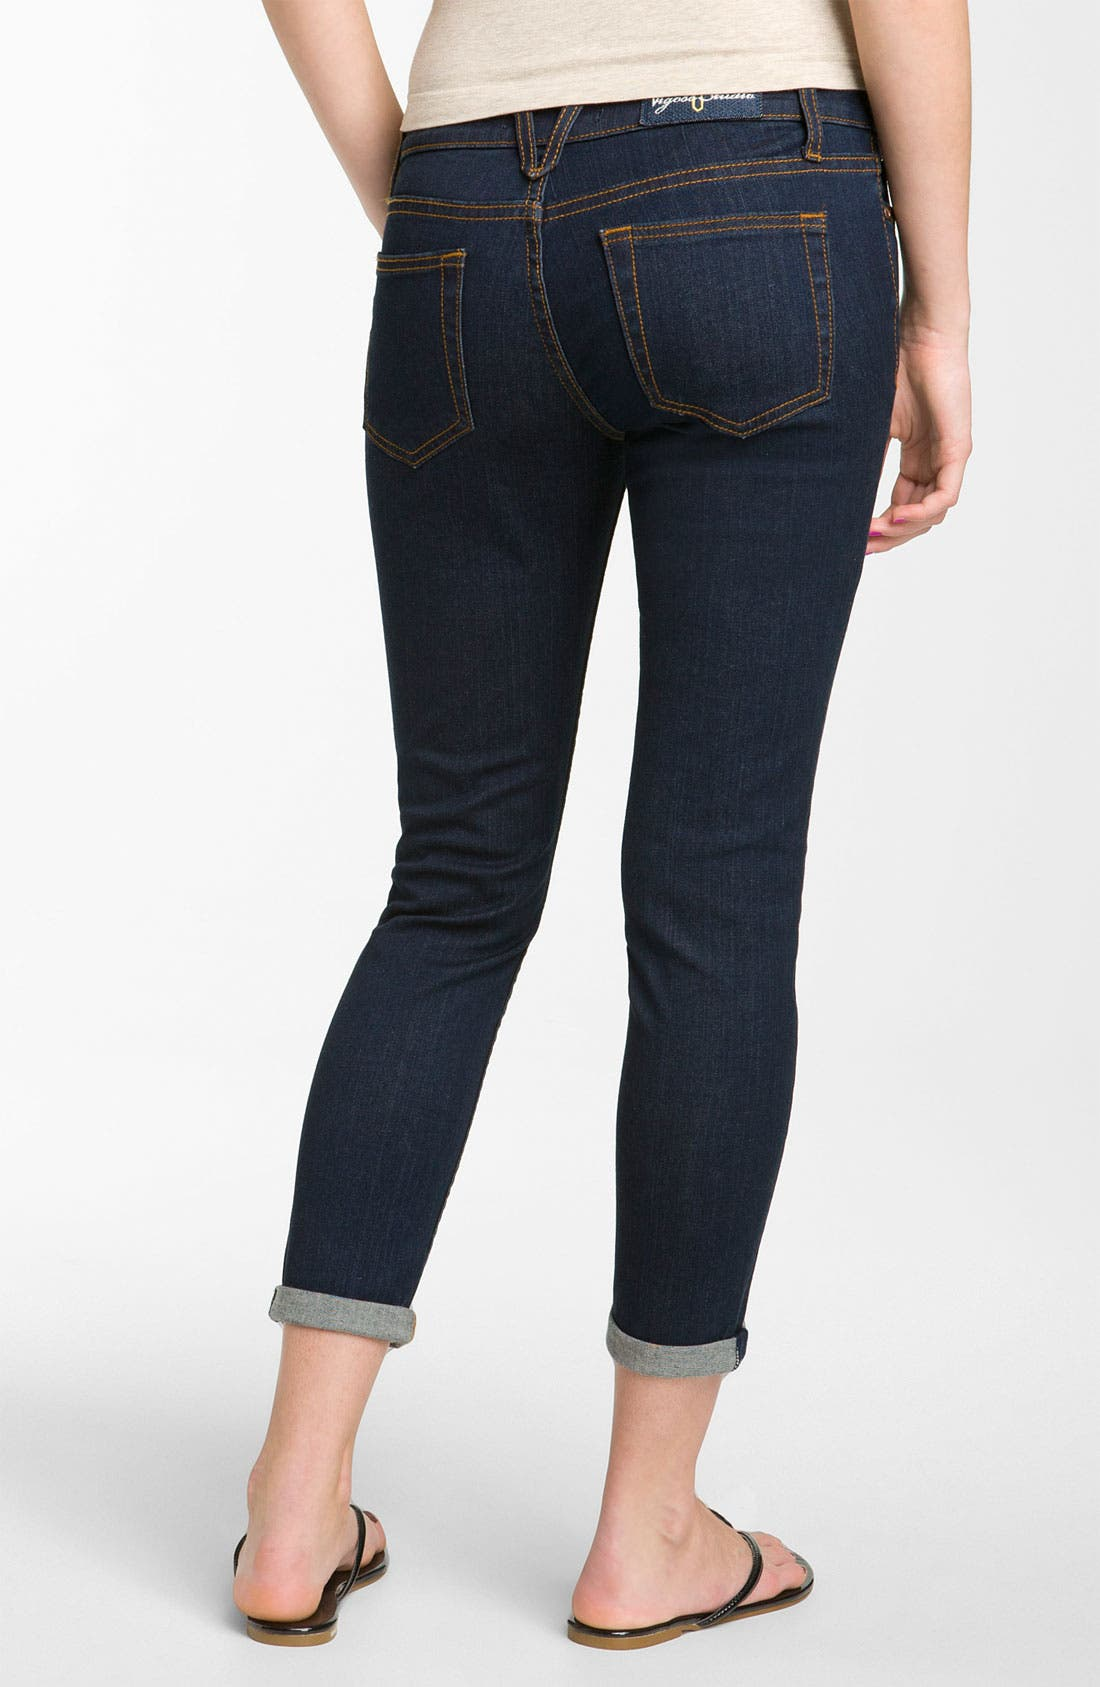 Alternate Image 1 Selected - Vigoss Skinny Crop Jeans (Rinse Wash) (Juniors)